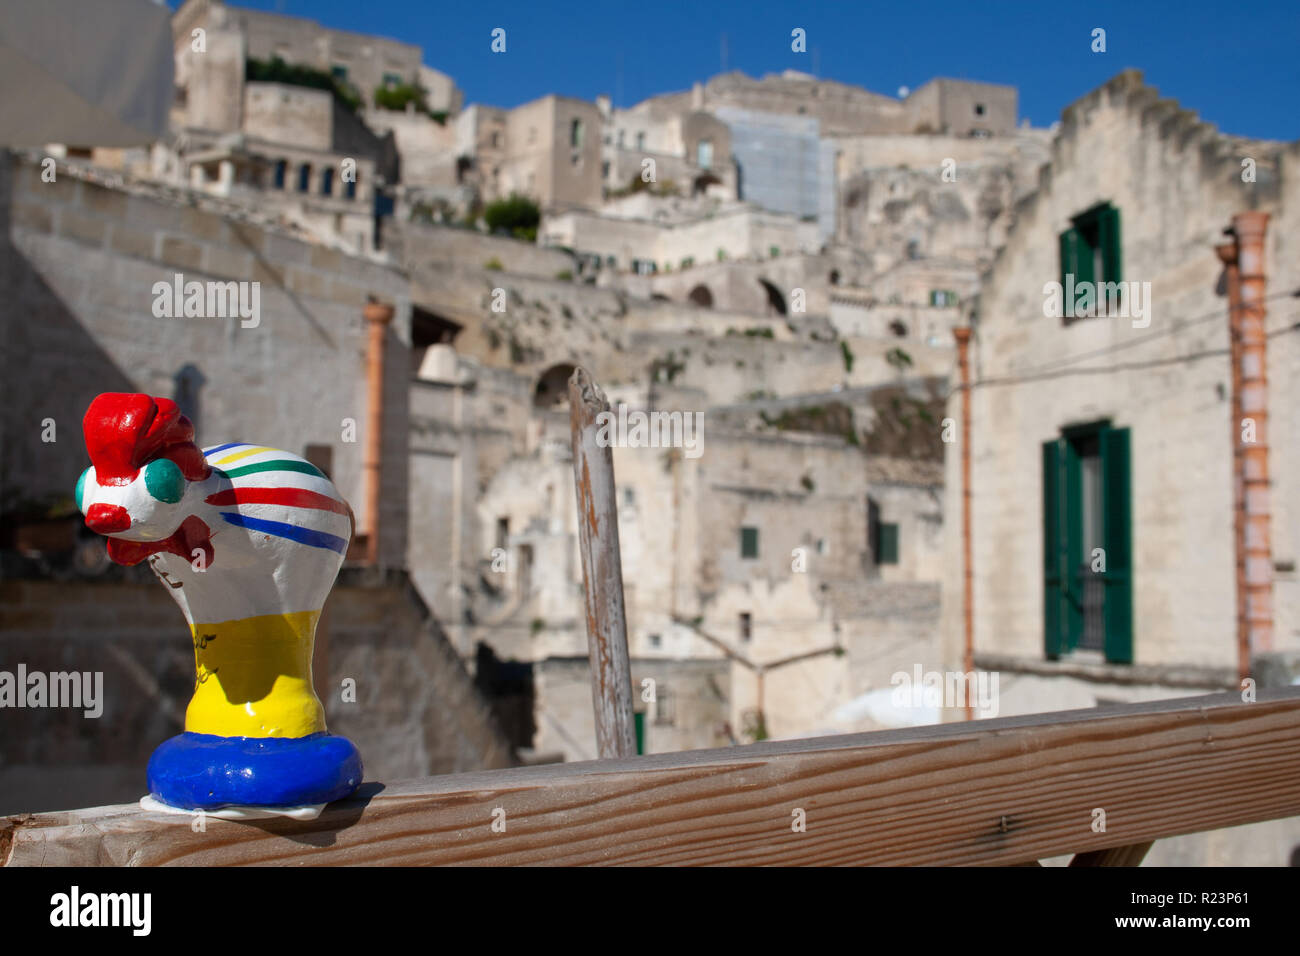 Sassi O Pietre Di Matera Capitale Europea Della Cultura 2019 La